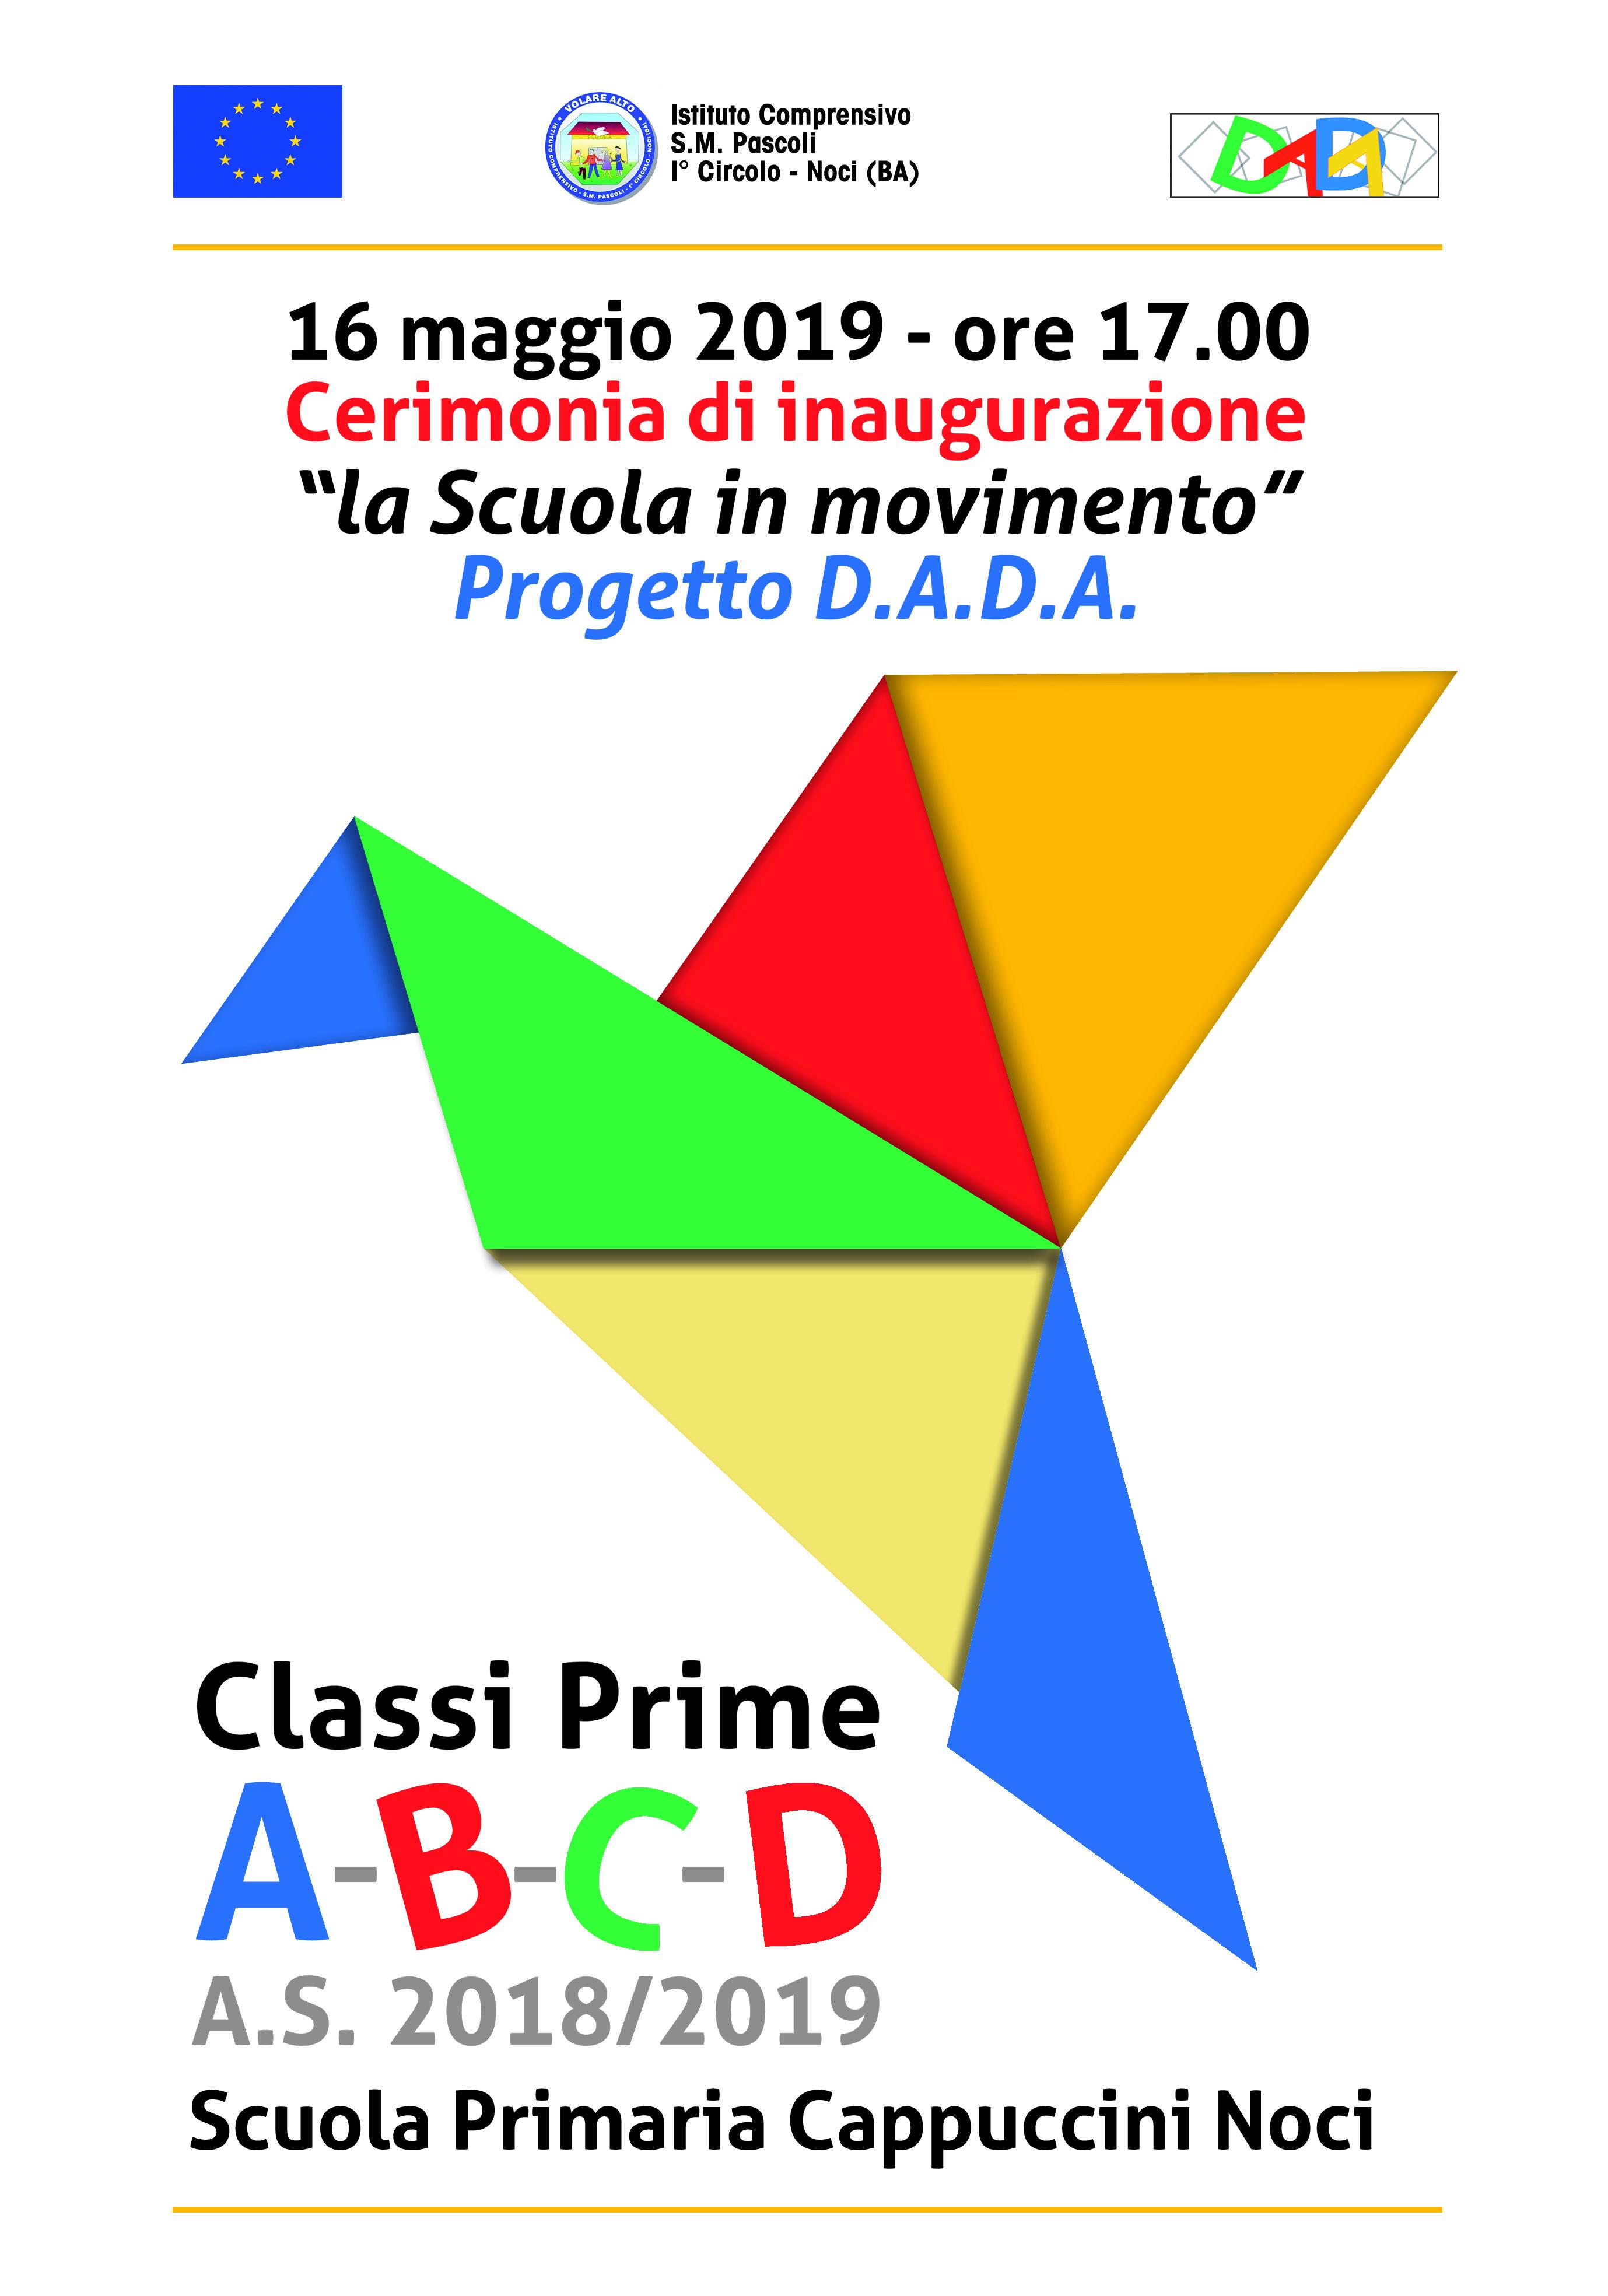 Progetto D.A.D.A. – La scuola in movimento